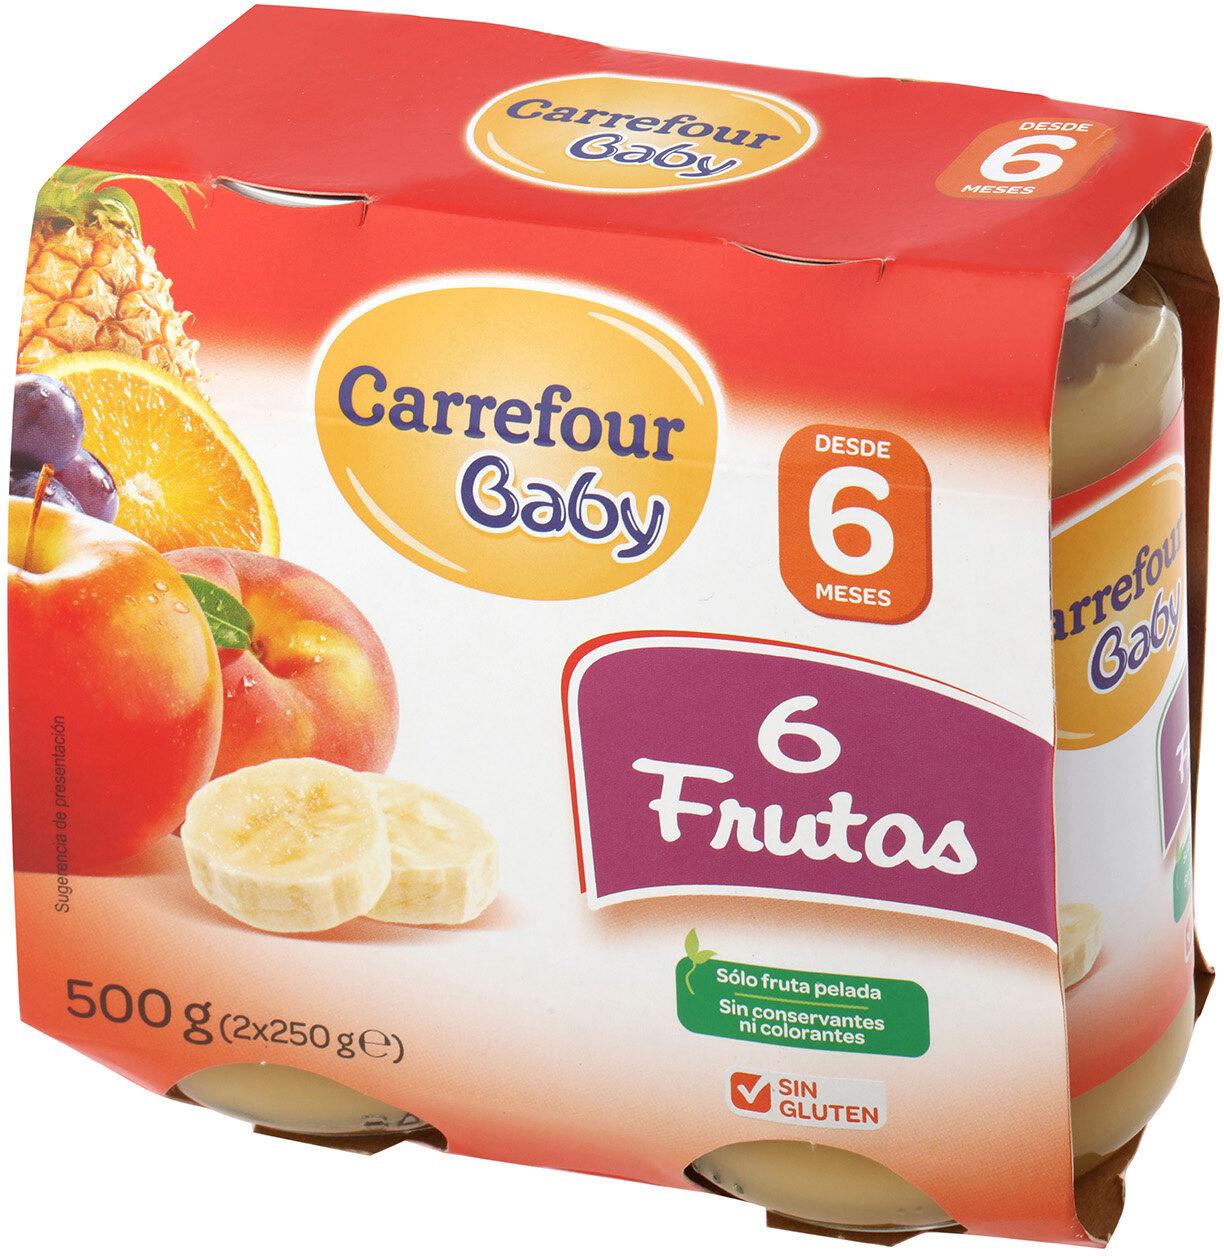 Tarrito 6 frutas - Producto - es